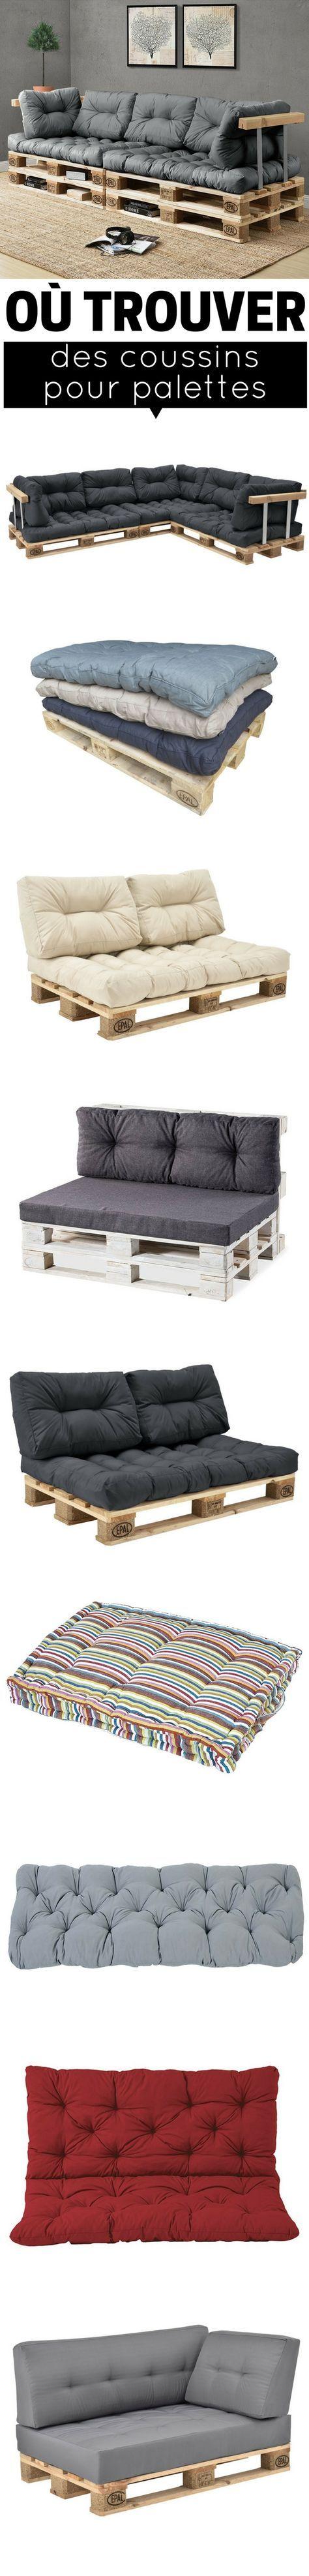 coussin pour palette o trouver des coussins pour meubles en palette canap palette. Black Bedroom Furniture Sets. Home Design Ideas